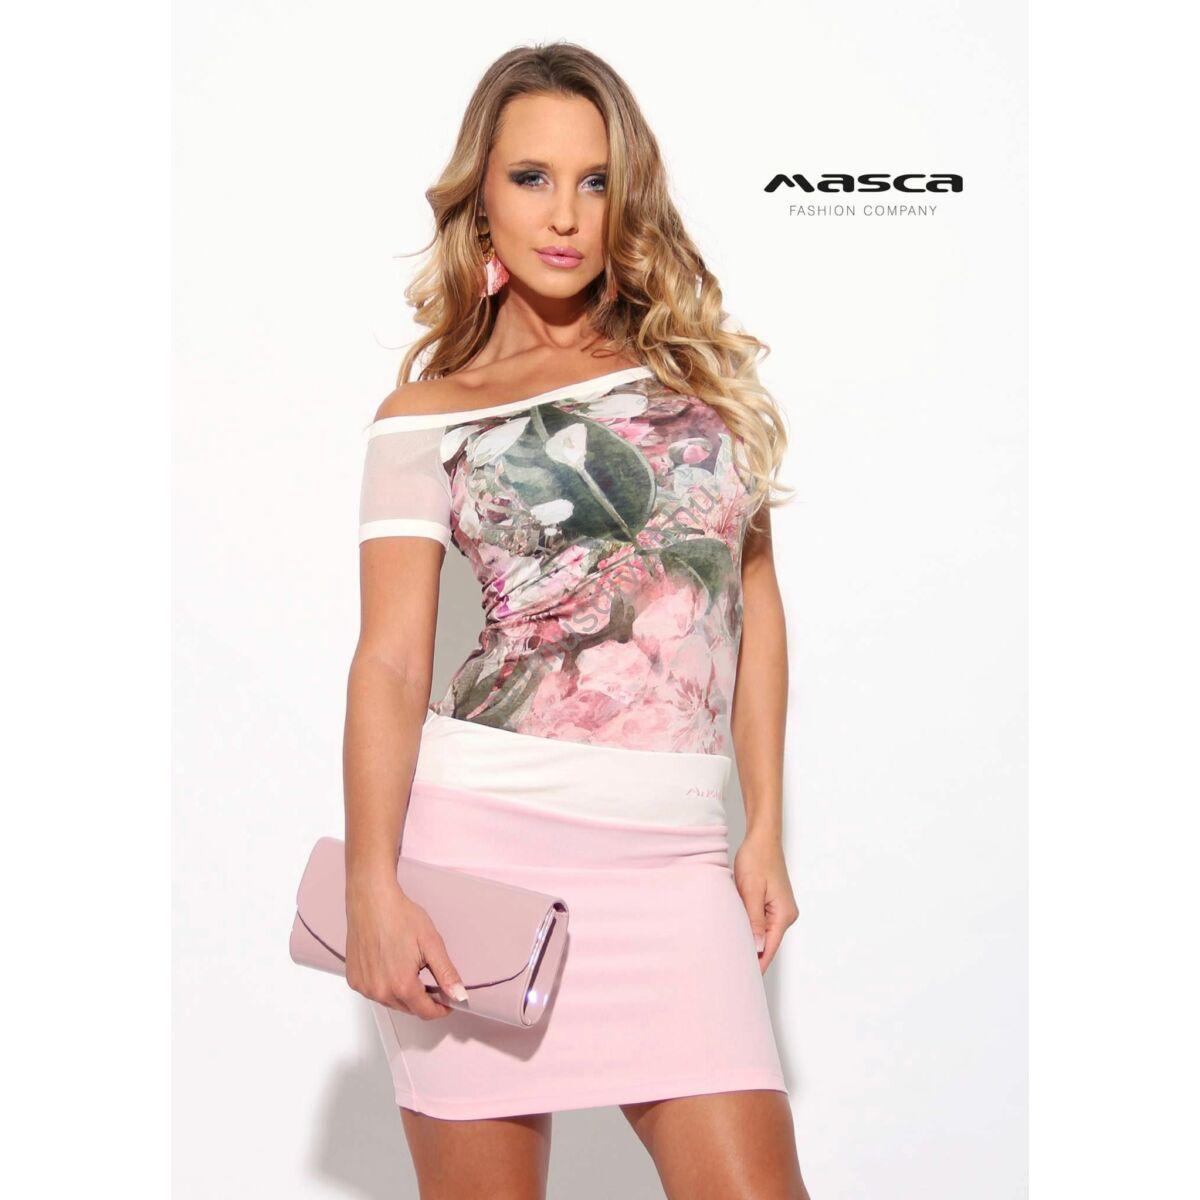 3ffc49264 Masca Fashion vállra szabott muszlin rövid ujjú, virágmintás rózsaszín  miniruha - Mf913-35